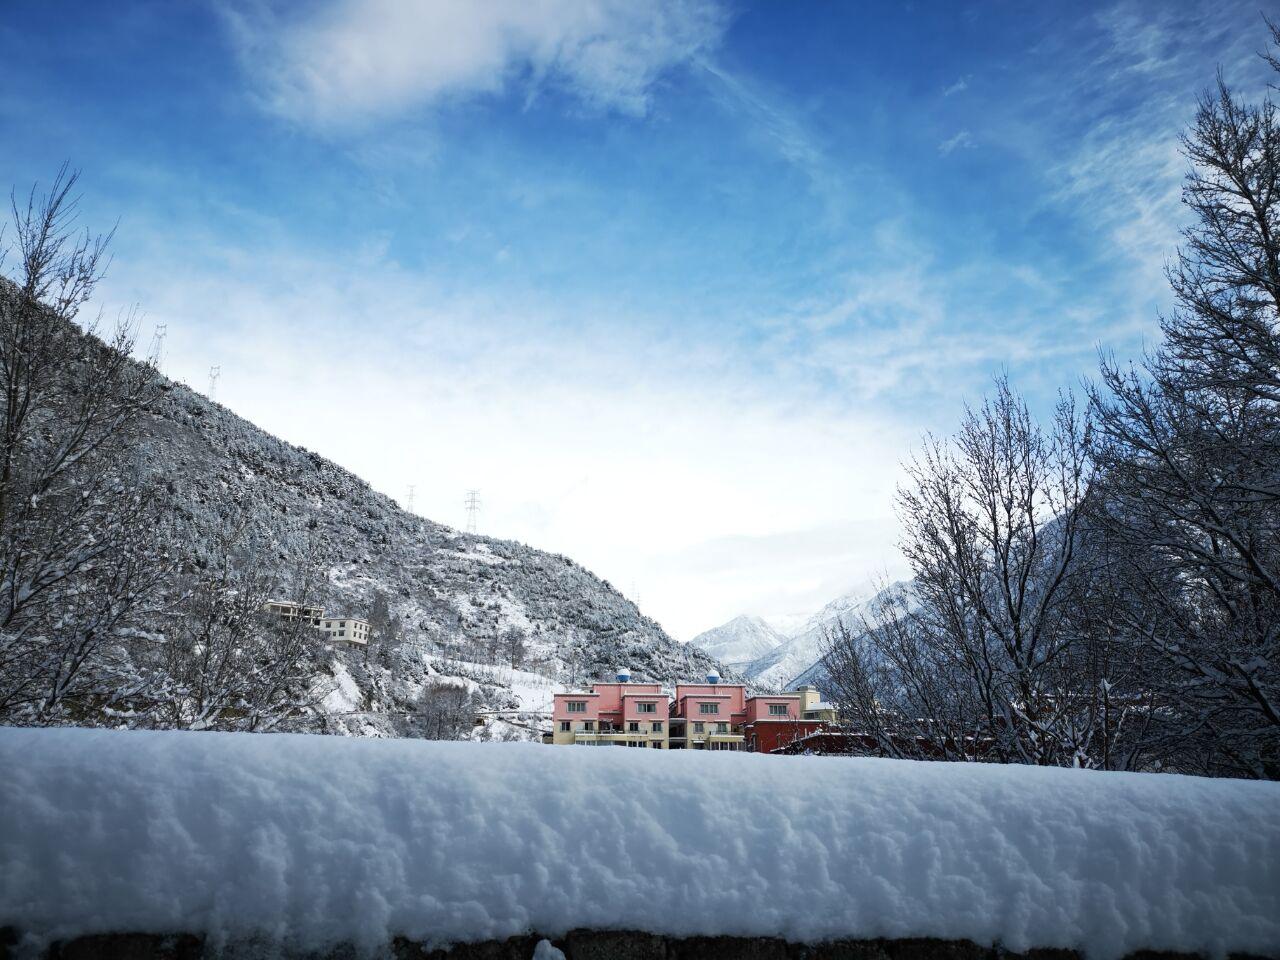 康定,迎来最美丽的春雪